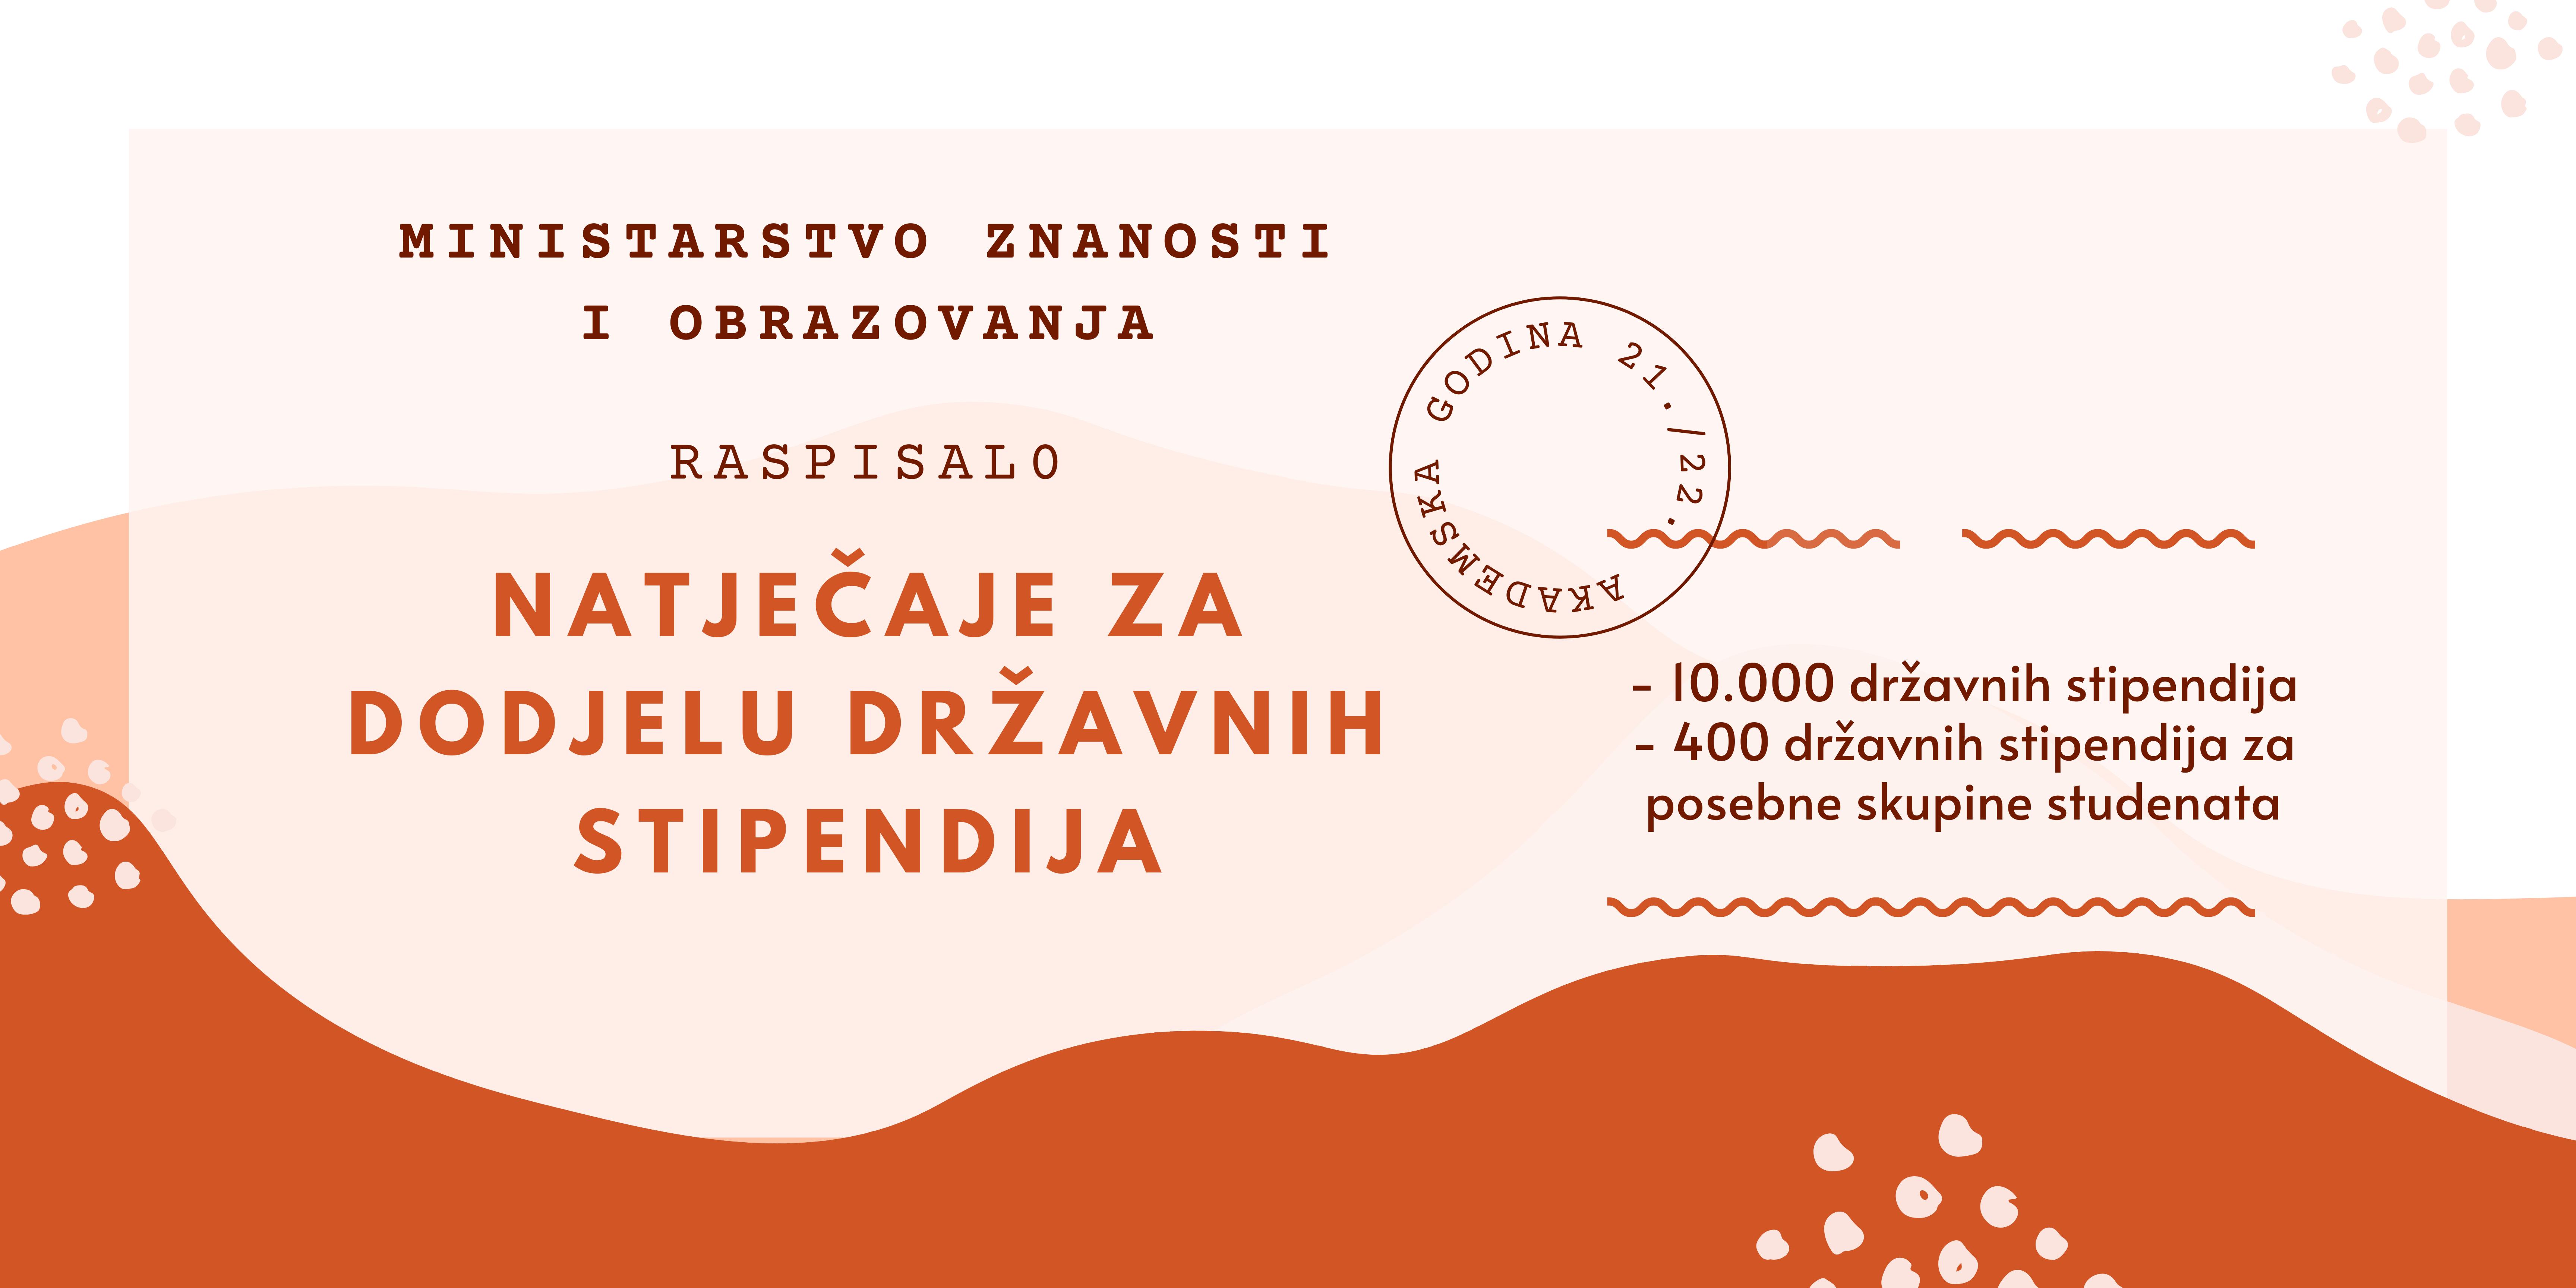 Ministarstvo znanosti i obrazovanja raspisalo je natječaje za dodjelu državnih stipendija